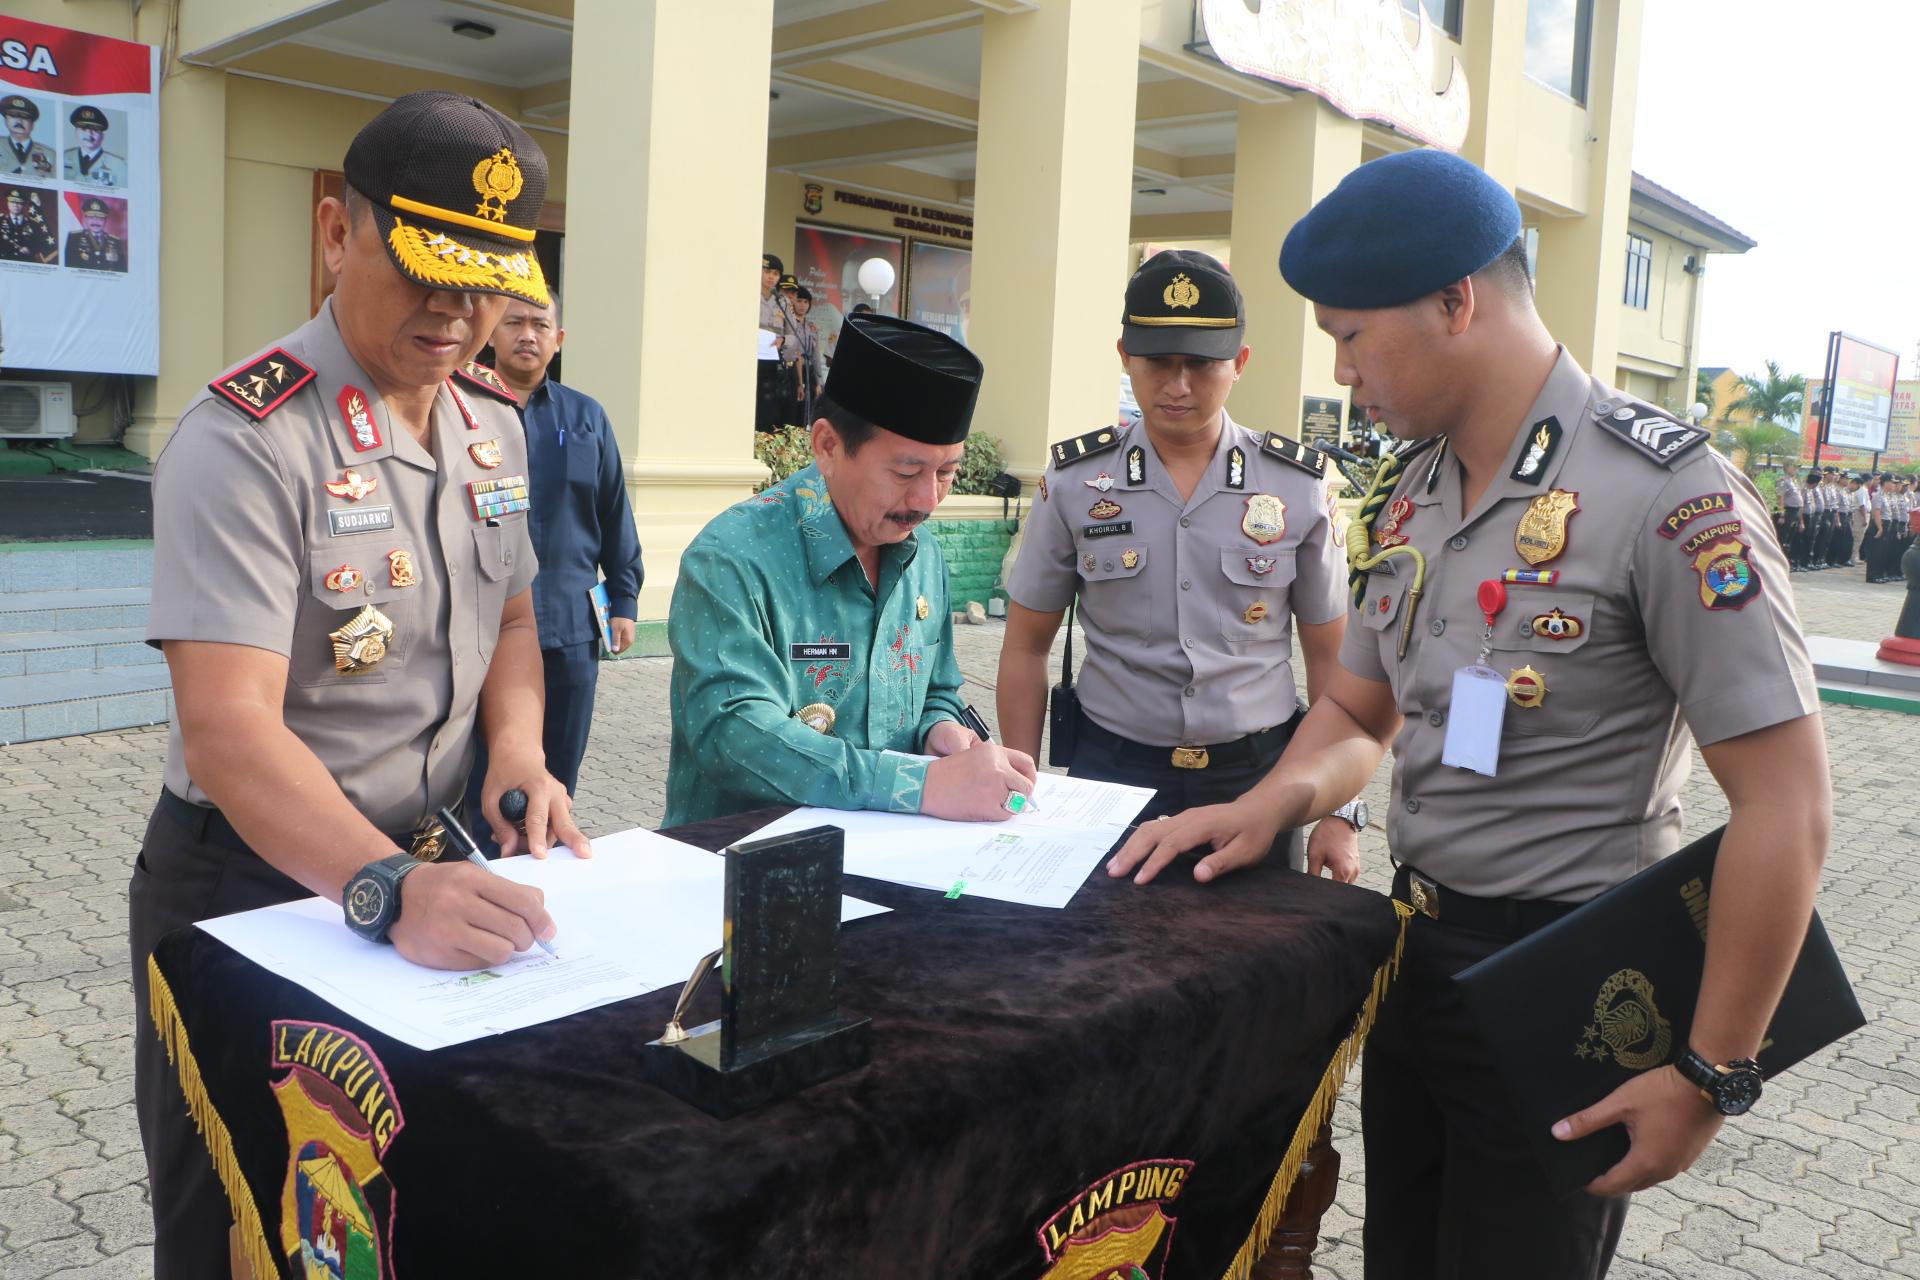 Penandatanganan Berita Acara Penyerahan Aset Pemerintah Tanah Taman Tribratanews Polri